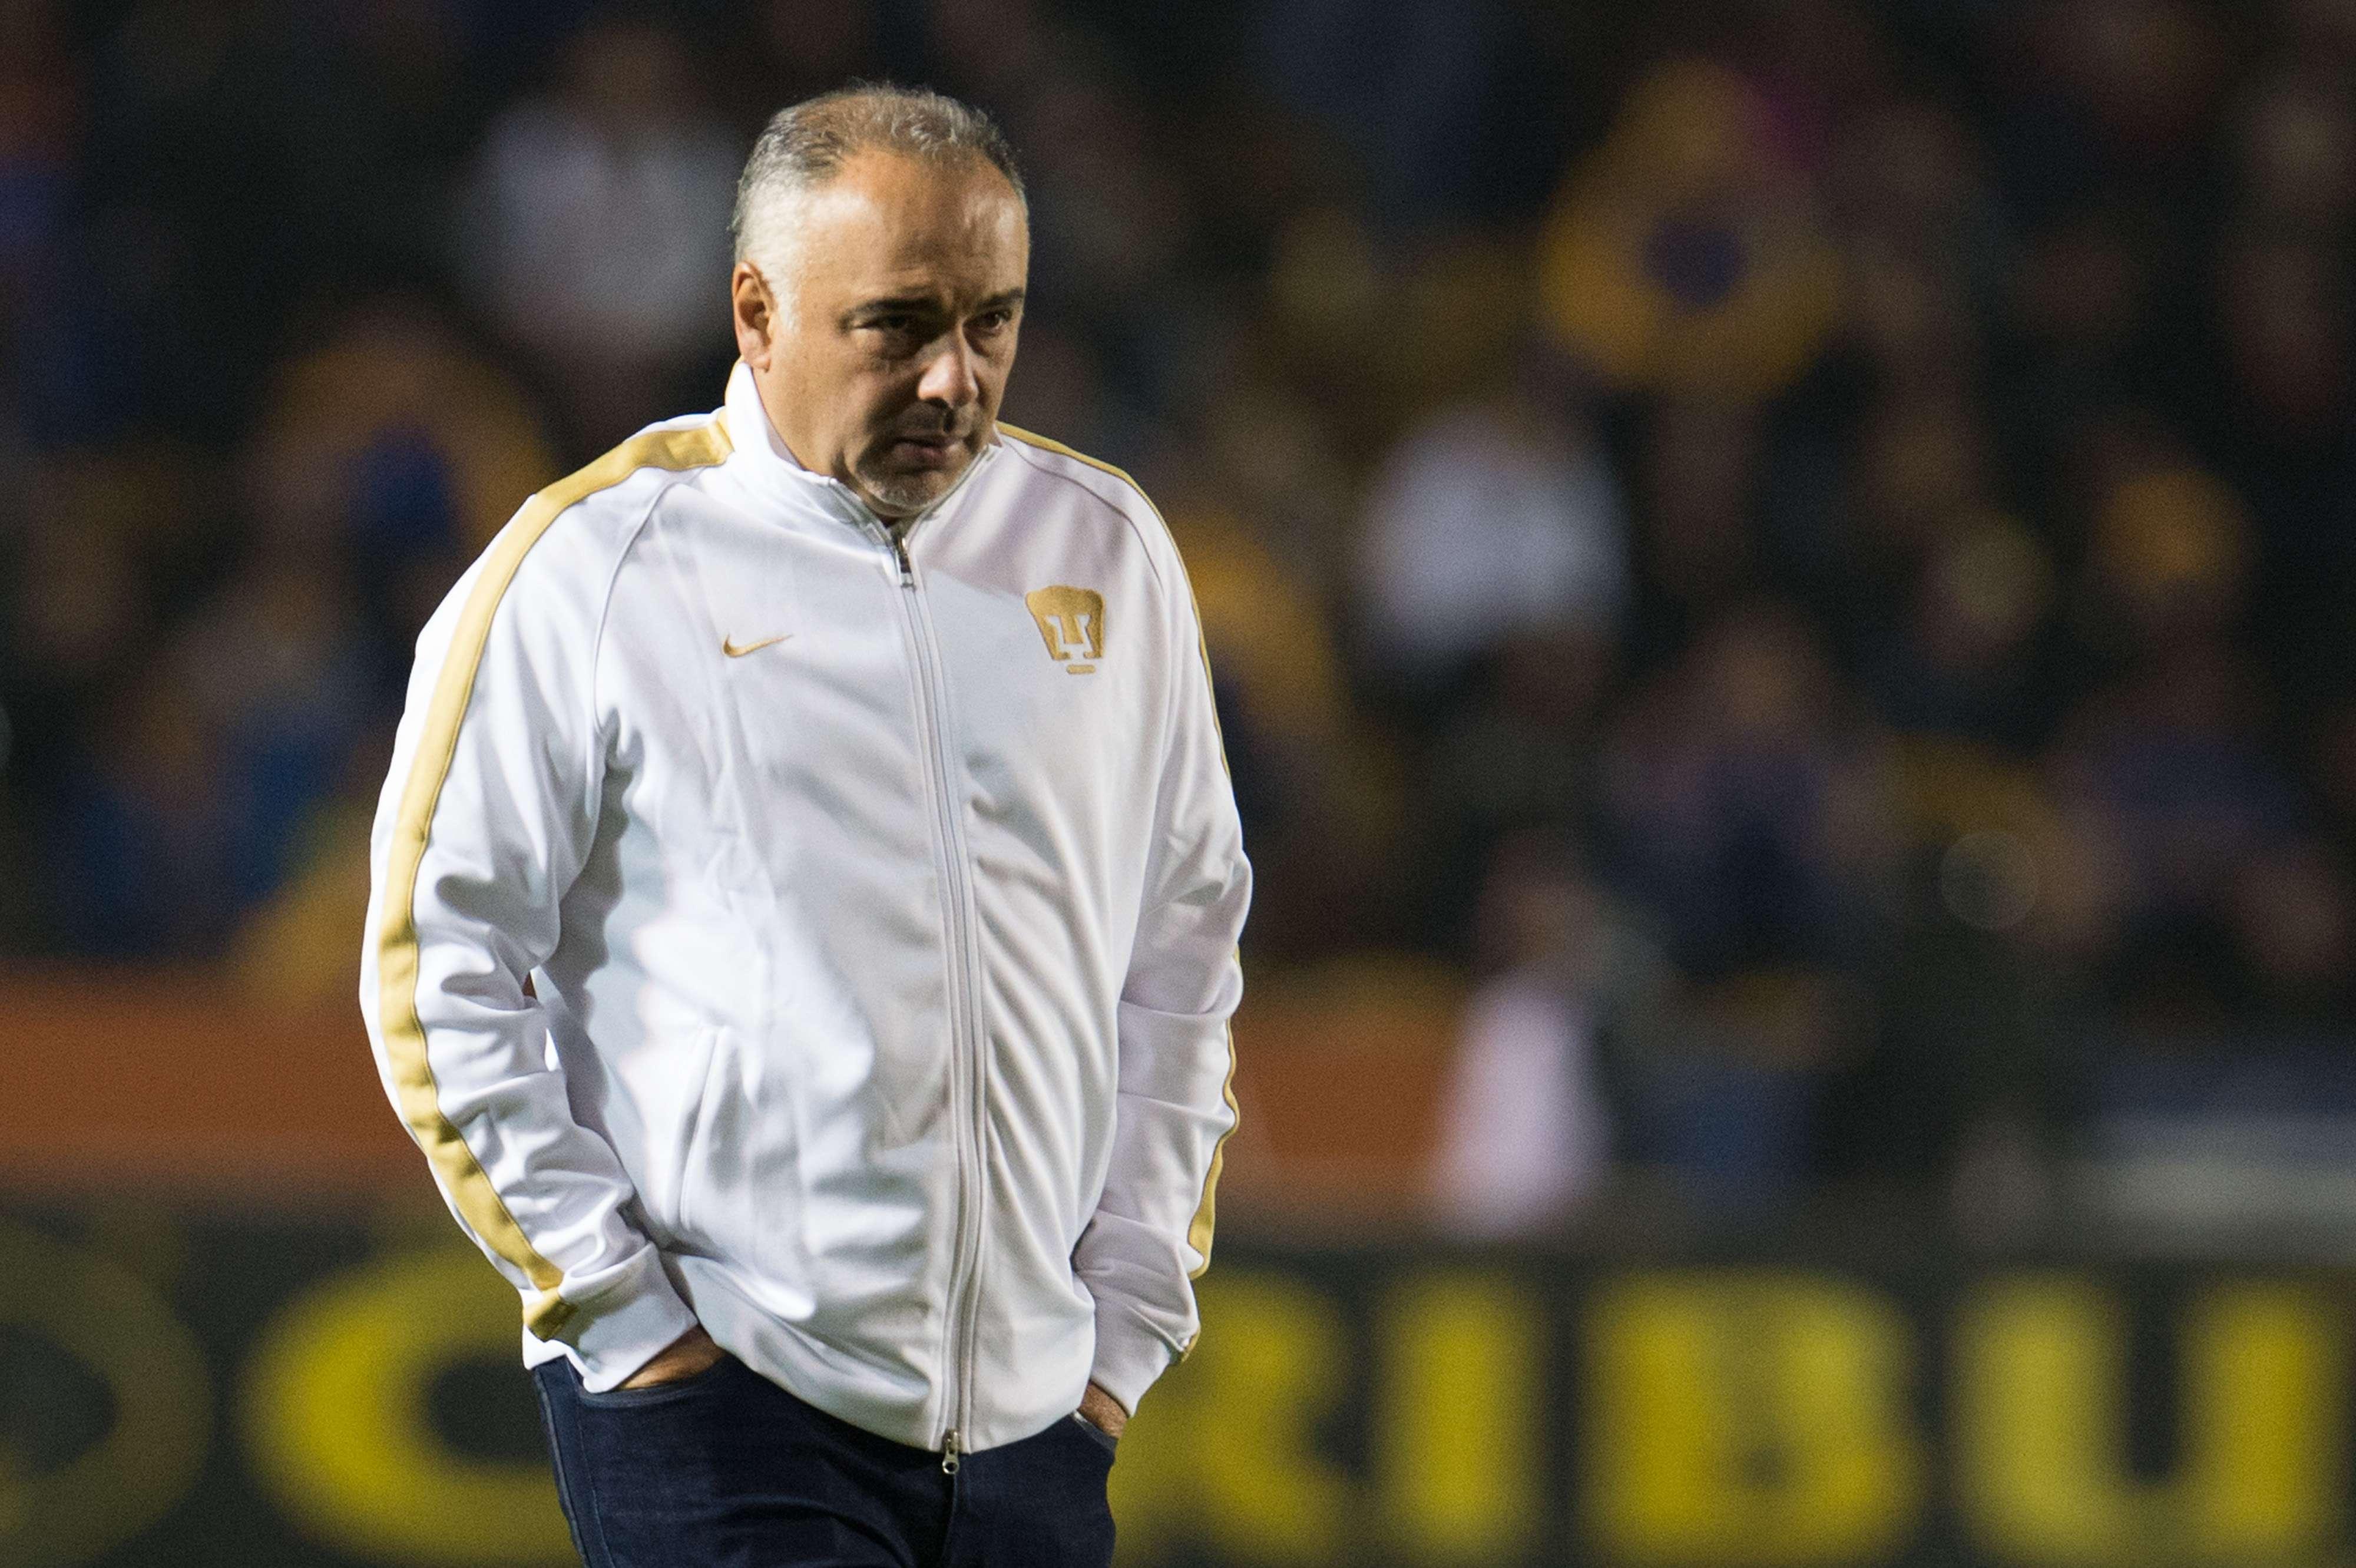 Guillermo Vázquez tiene metido a los Pumas en el último sitio de la tabla general. Foto: Mexsport